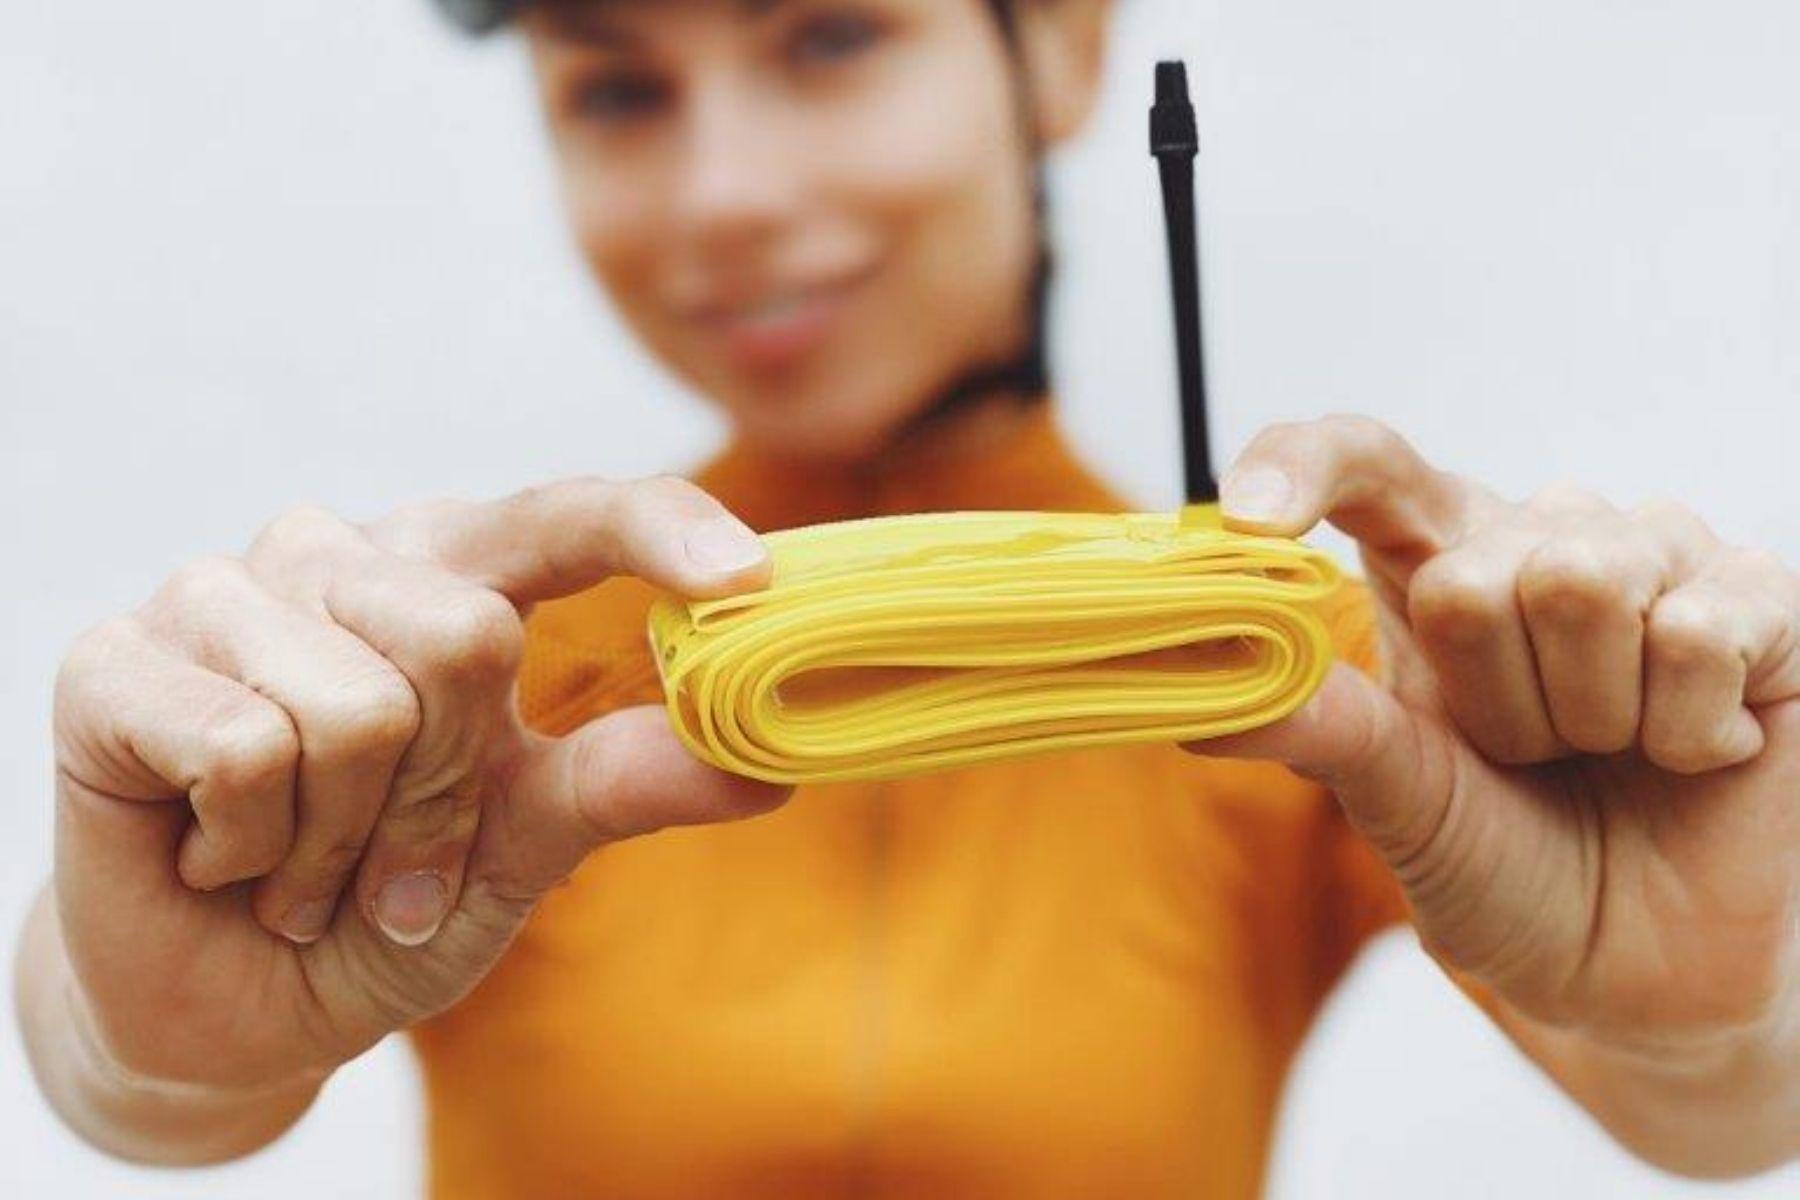 PIRELLI bringt die TPU-Schläuche SmarTUBE auf den Markt